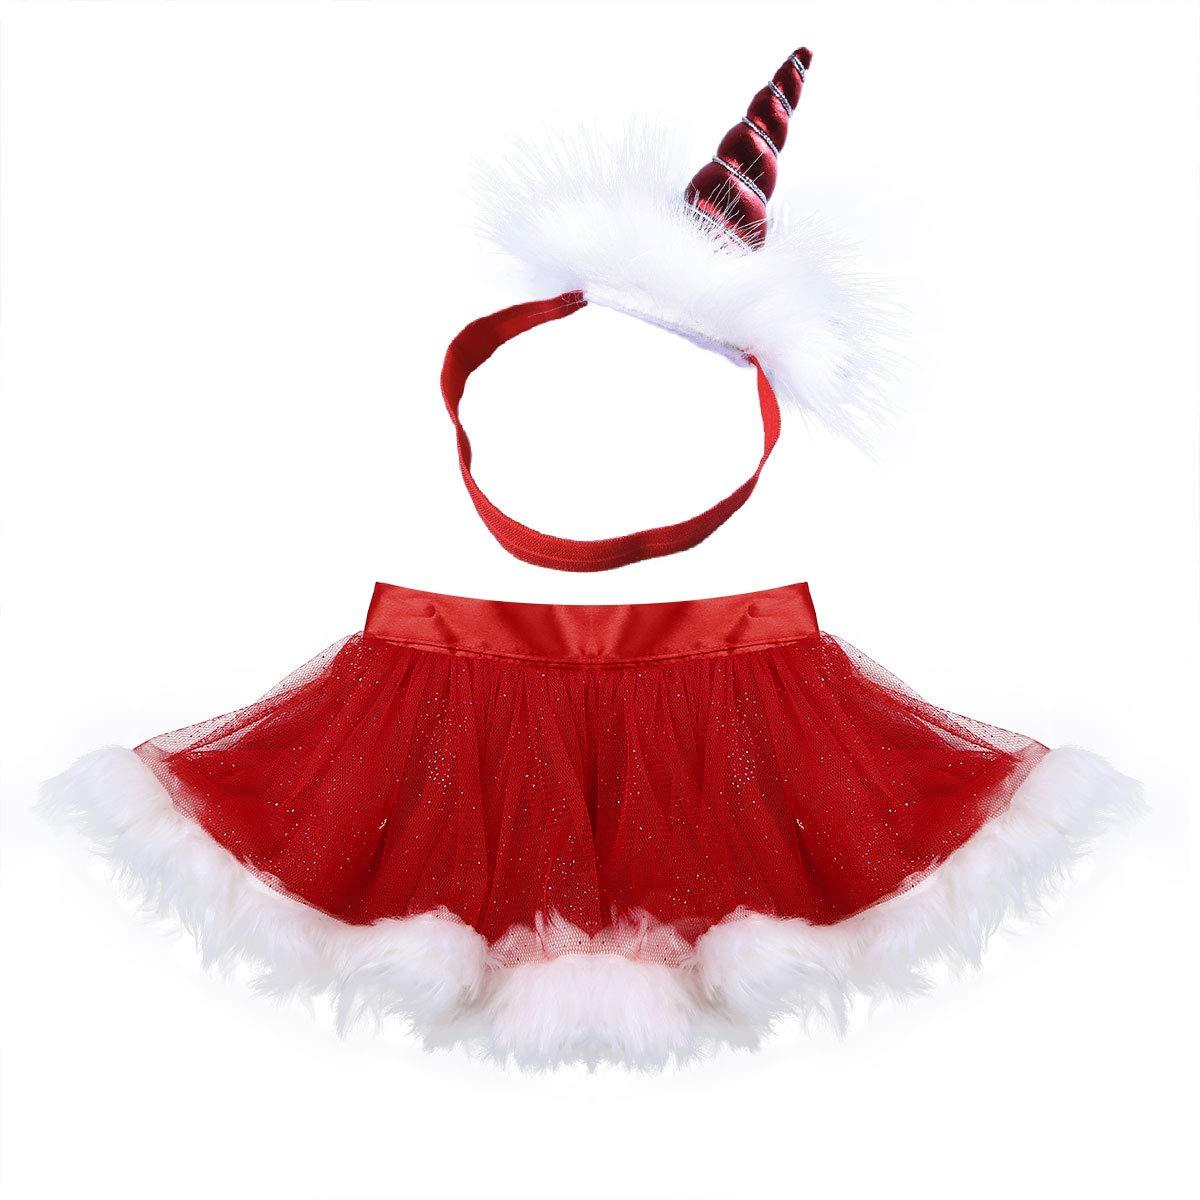 iiniim Falda Unicornio Navidad Ni/ña Beb/é Tut/ú Volante Diadema Princesa Conjunto Traje Infantil Vestido Rojo Disfraz de Fiesta Ceremonia Cumplea/ños Foto para Recien Nacido